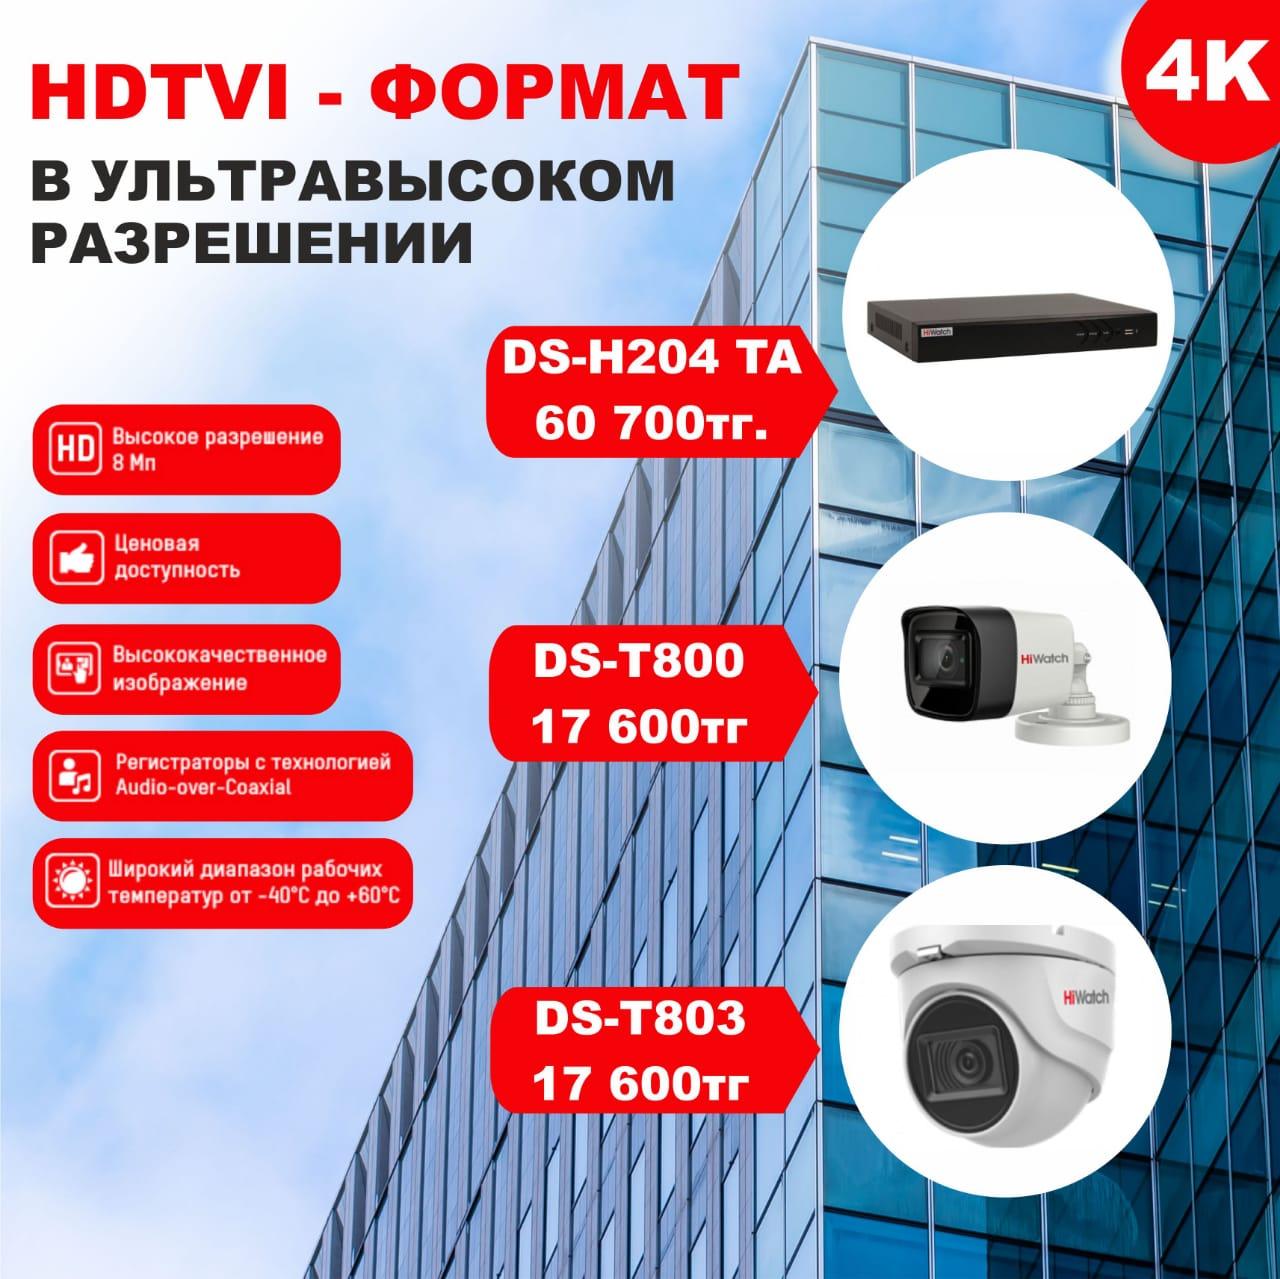 HDTVI – Формат в ультравысоком расширении